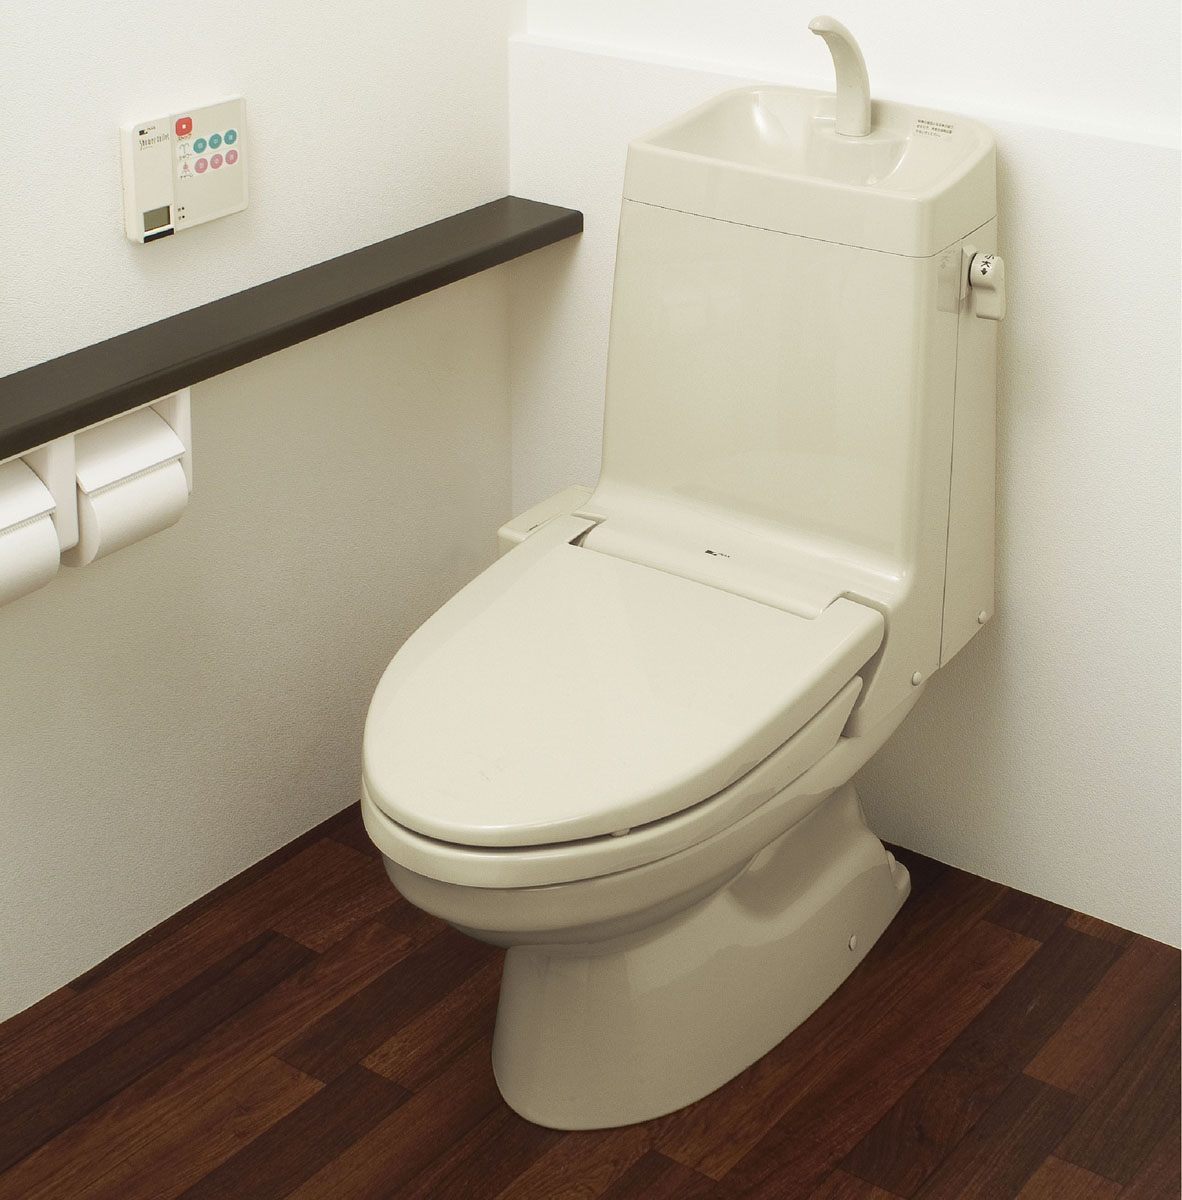 リフレッシュシャワートイレ,before